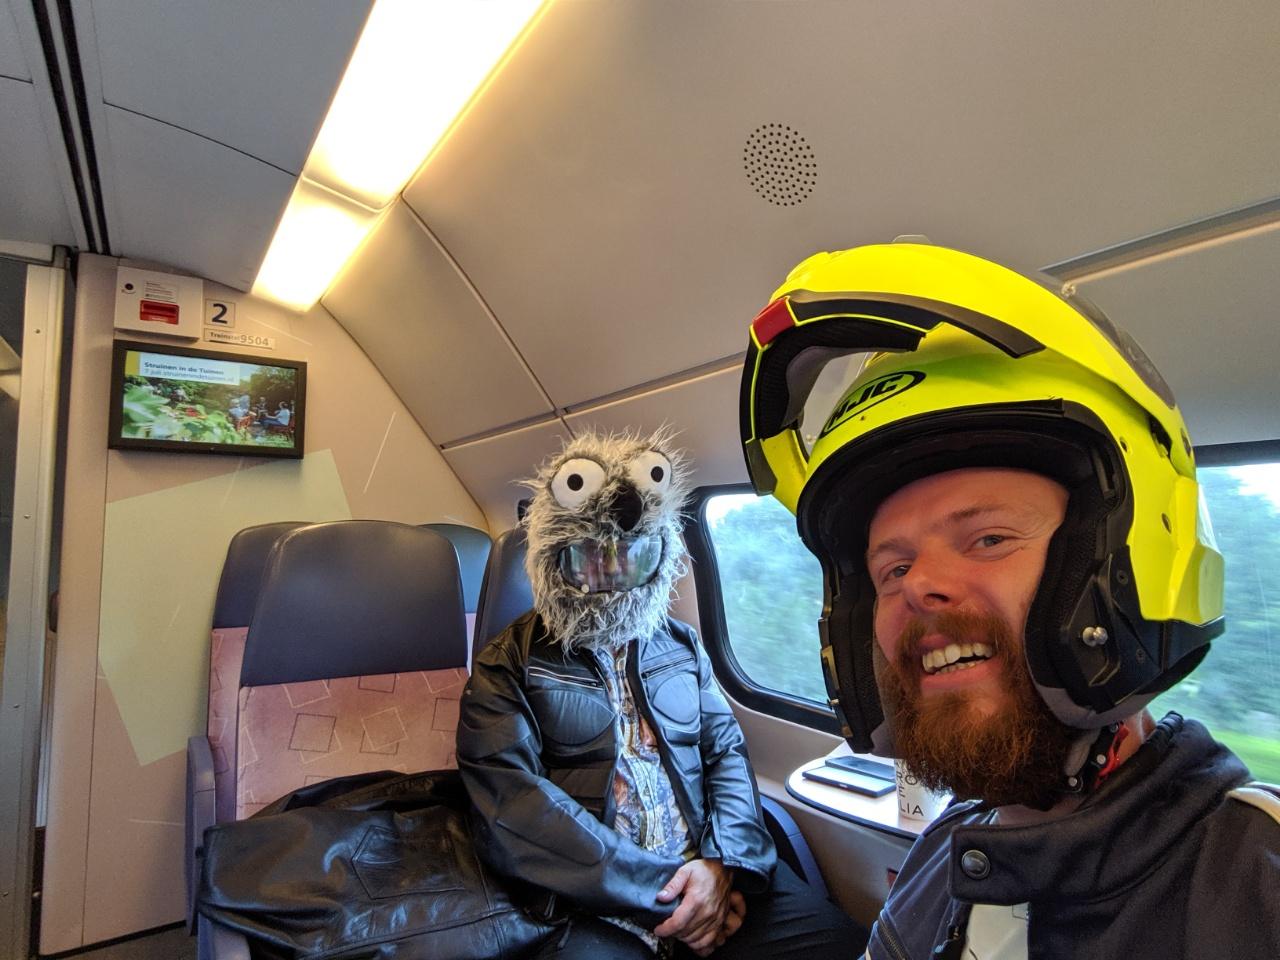 Tony and I in the train heading to Helmond.